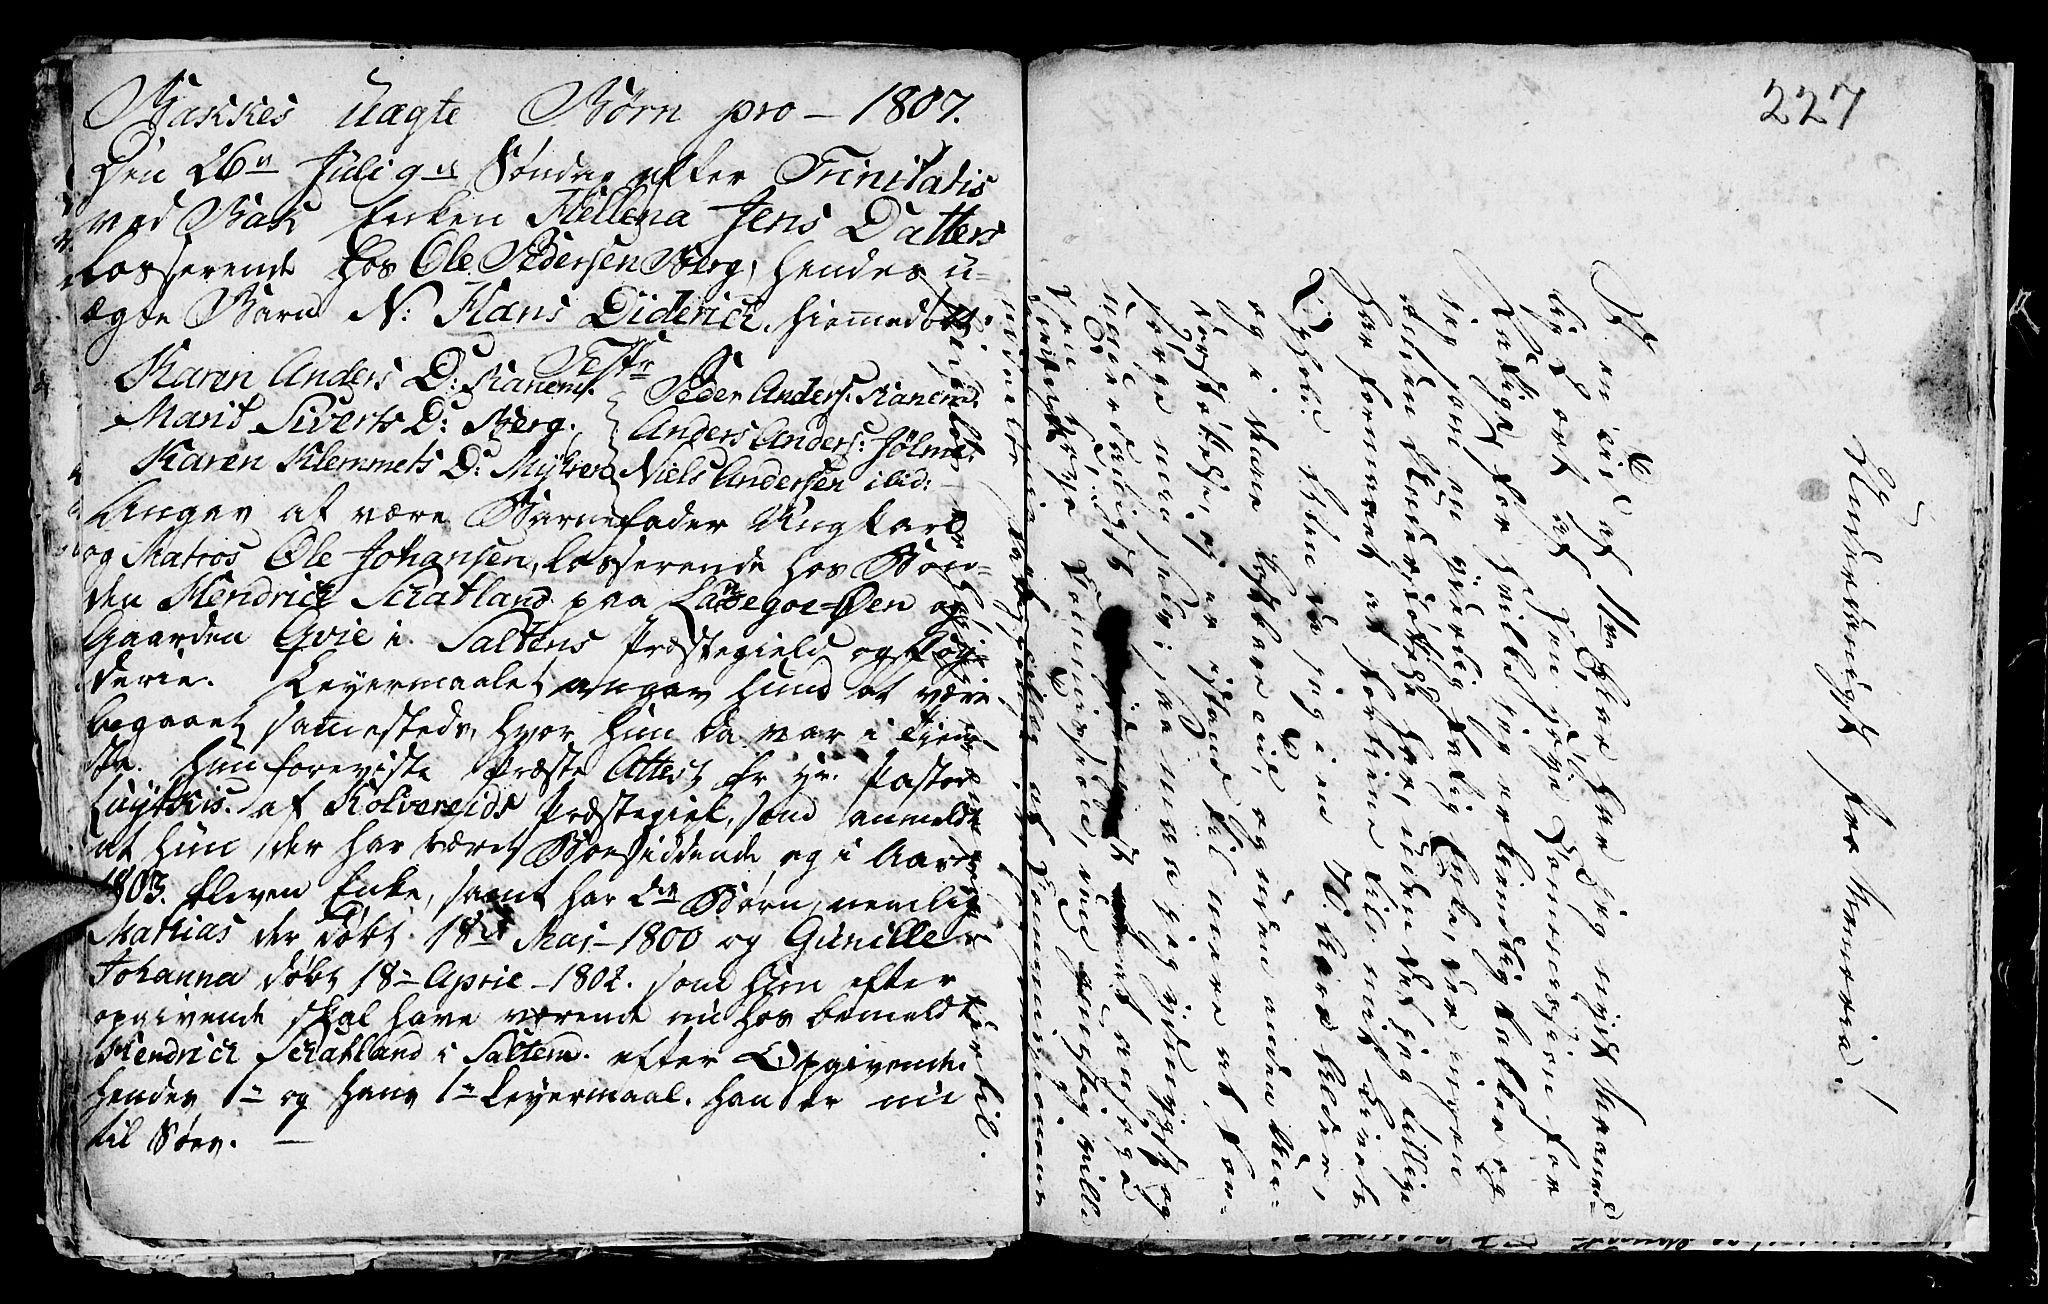 SAT, Ministerialprotokoller, klokkerbøker og fødselsregistre - Sør-Trøndelag, 604/L0218: Klokkerbok nr. 604C01, 1754-1819, s. 227